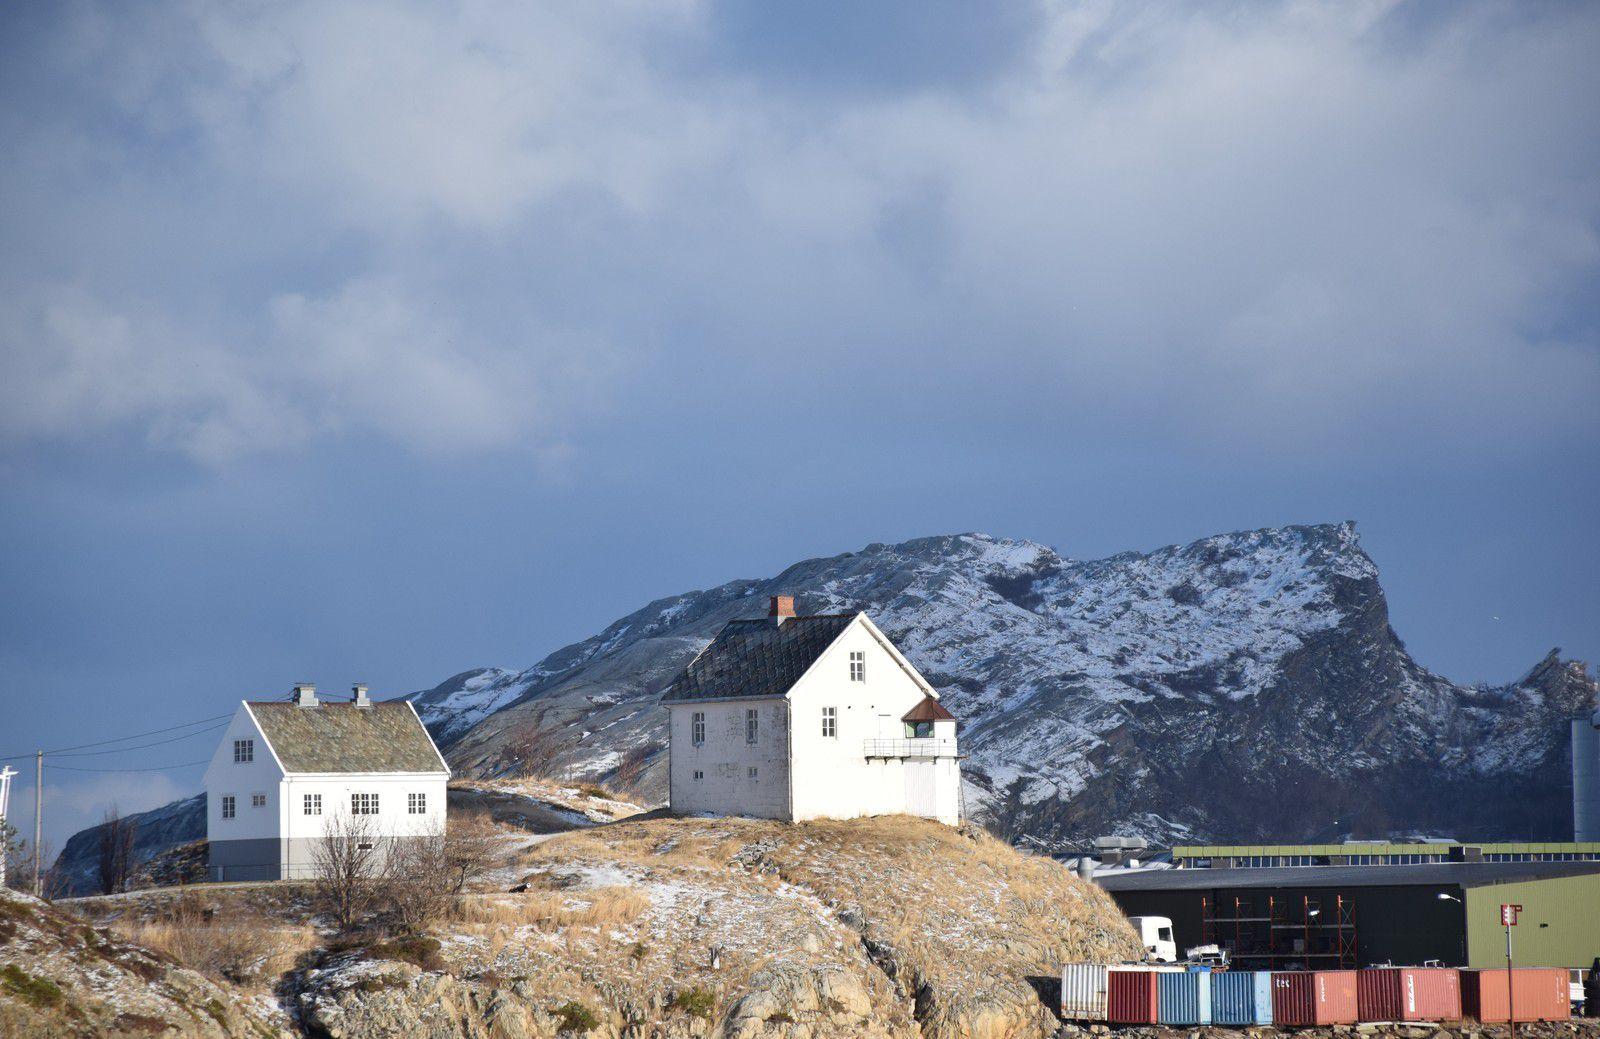 Fascinants, irréels, ces paysages du grand nord !